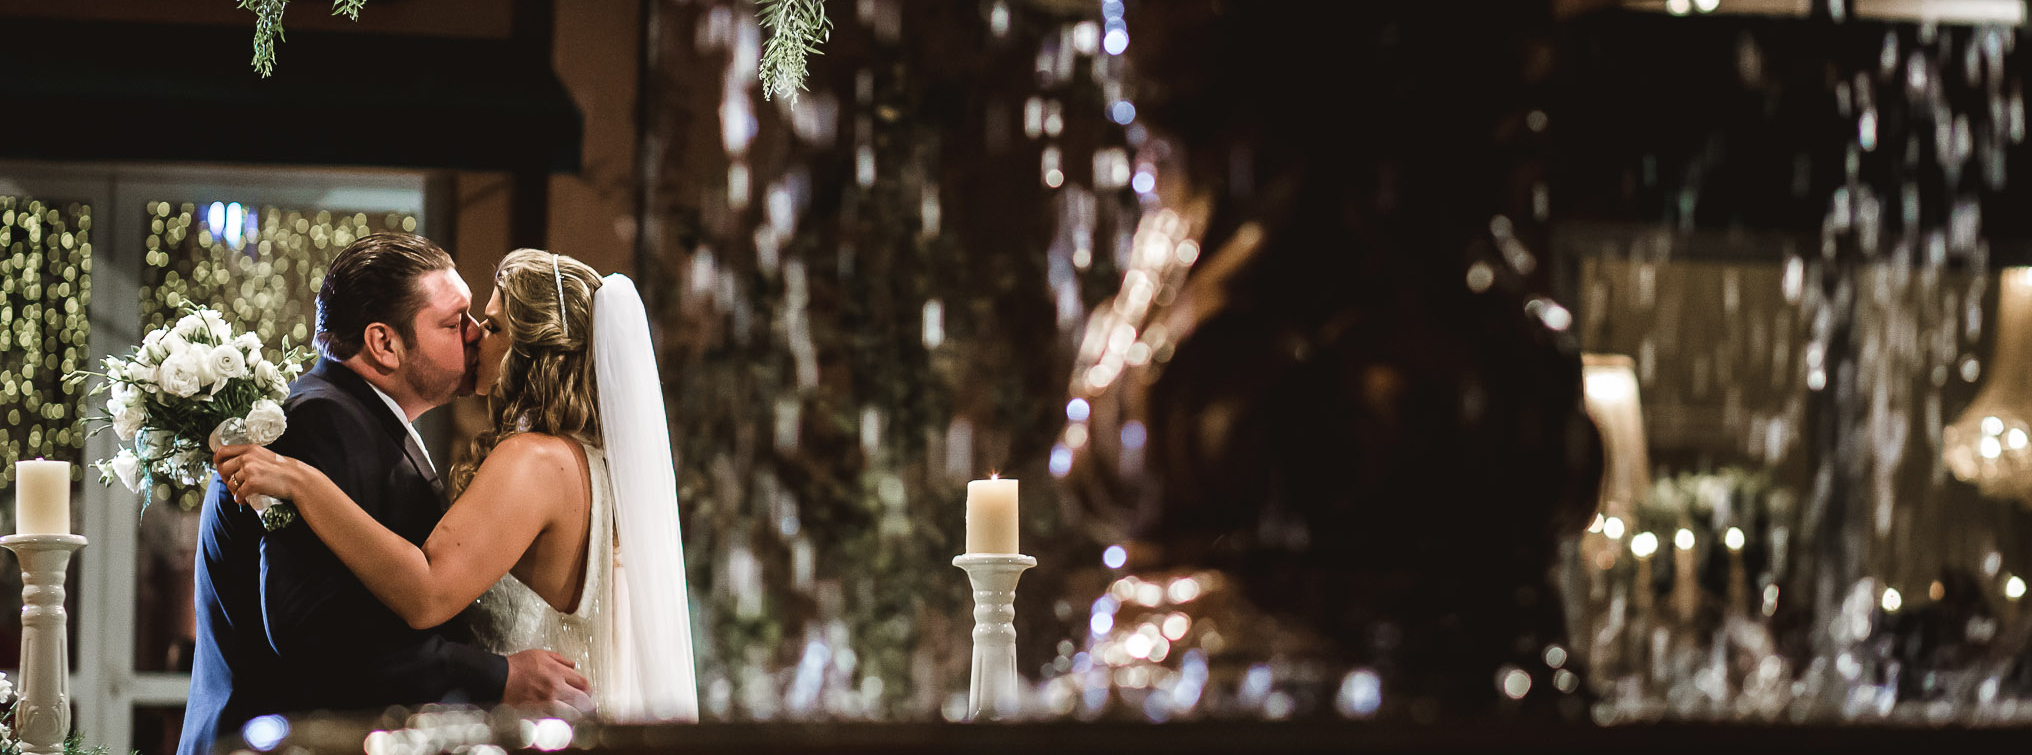 """Contate """"Fotógrafo de Casamentos, aniversários, partos  e famílias - Gustavo e Rejane Mazzei - Ribeirão Preto - São Paulo - interior""""."""